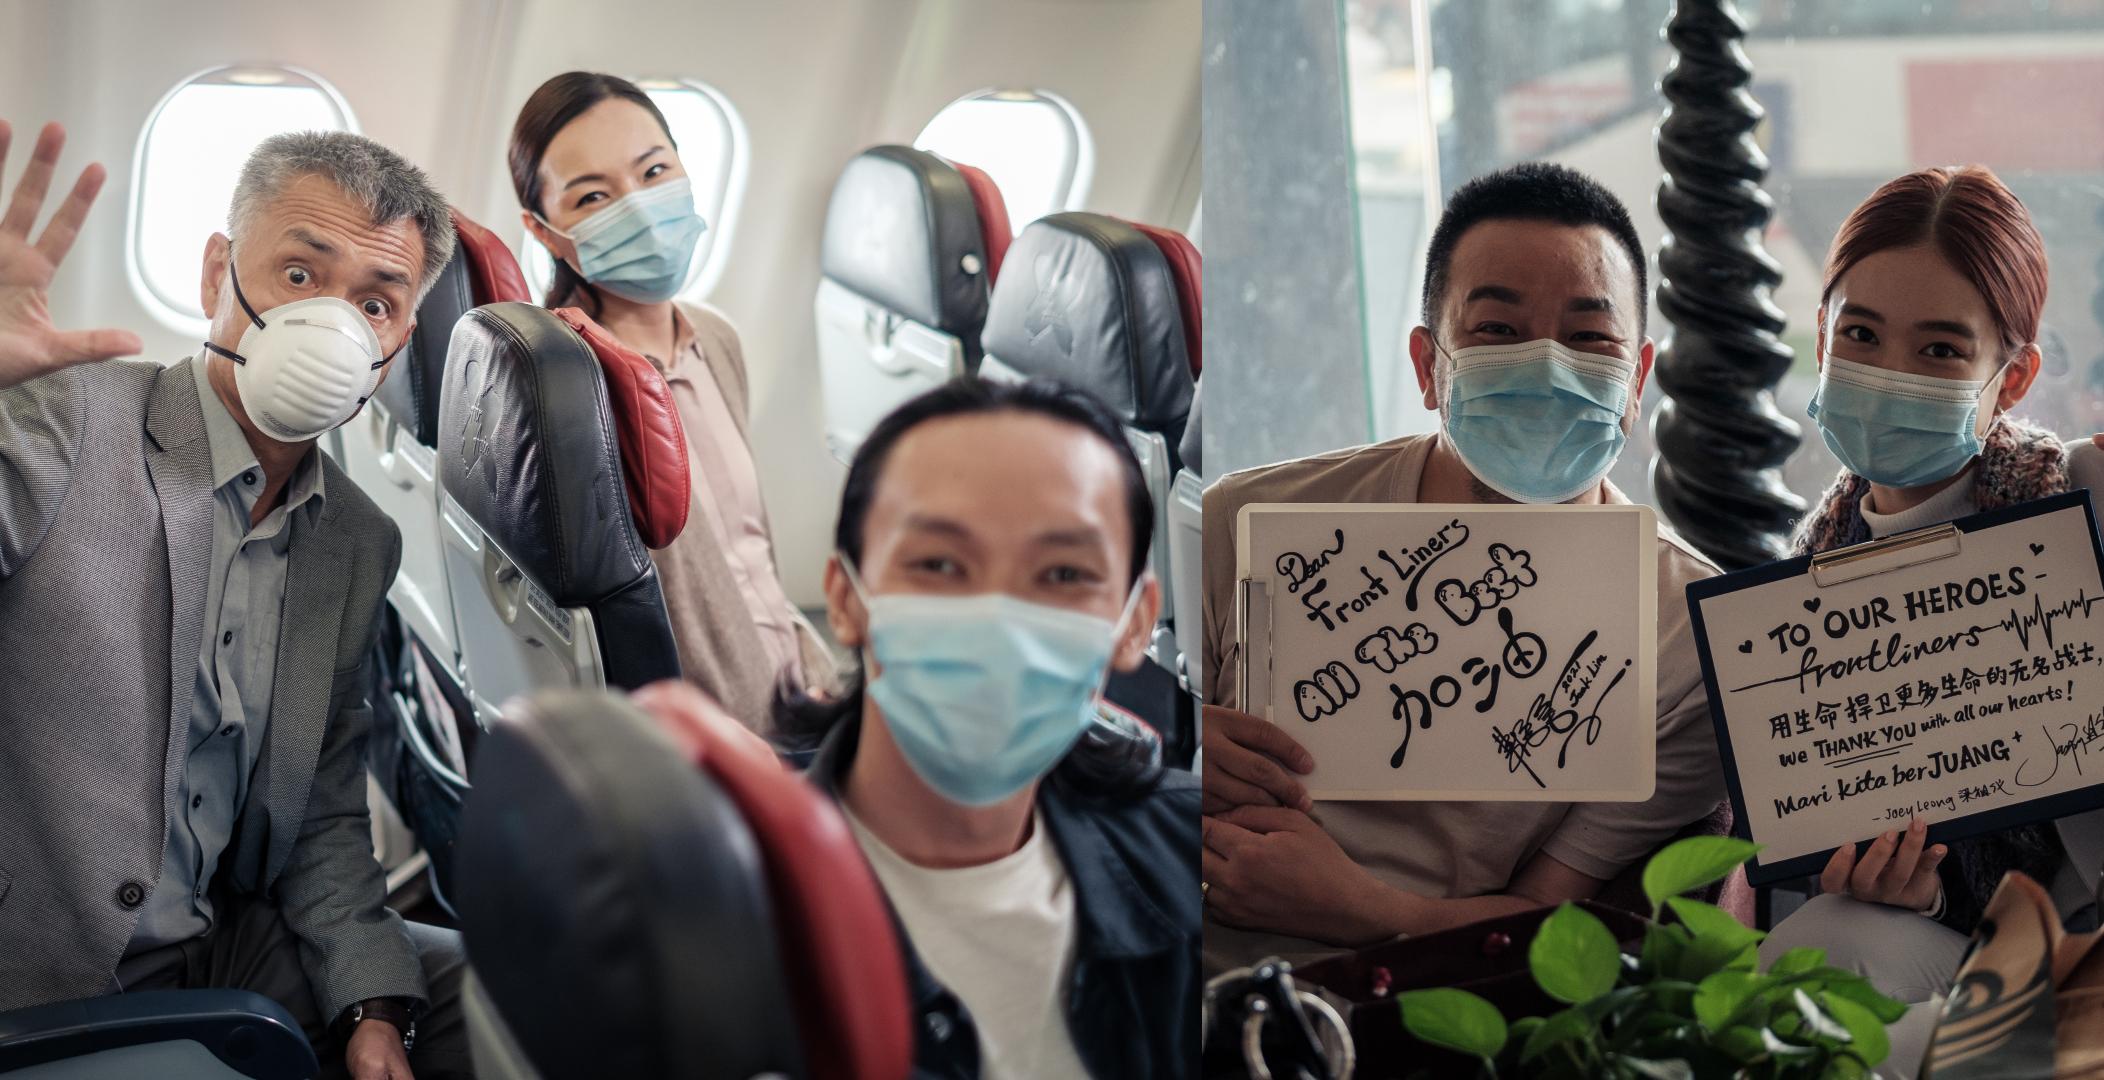 左图是周华坚(左起)、陈谕和陈俊权;右图是林德荣和梁祖仪。-图由阿细亚热带电影有限公司提供-